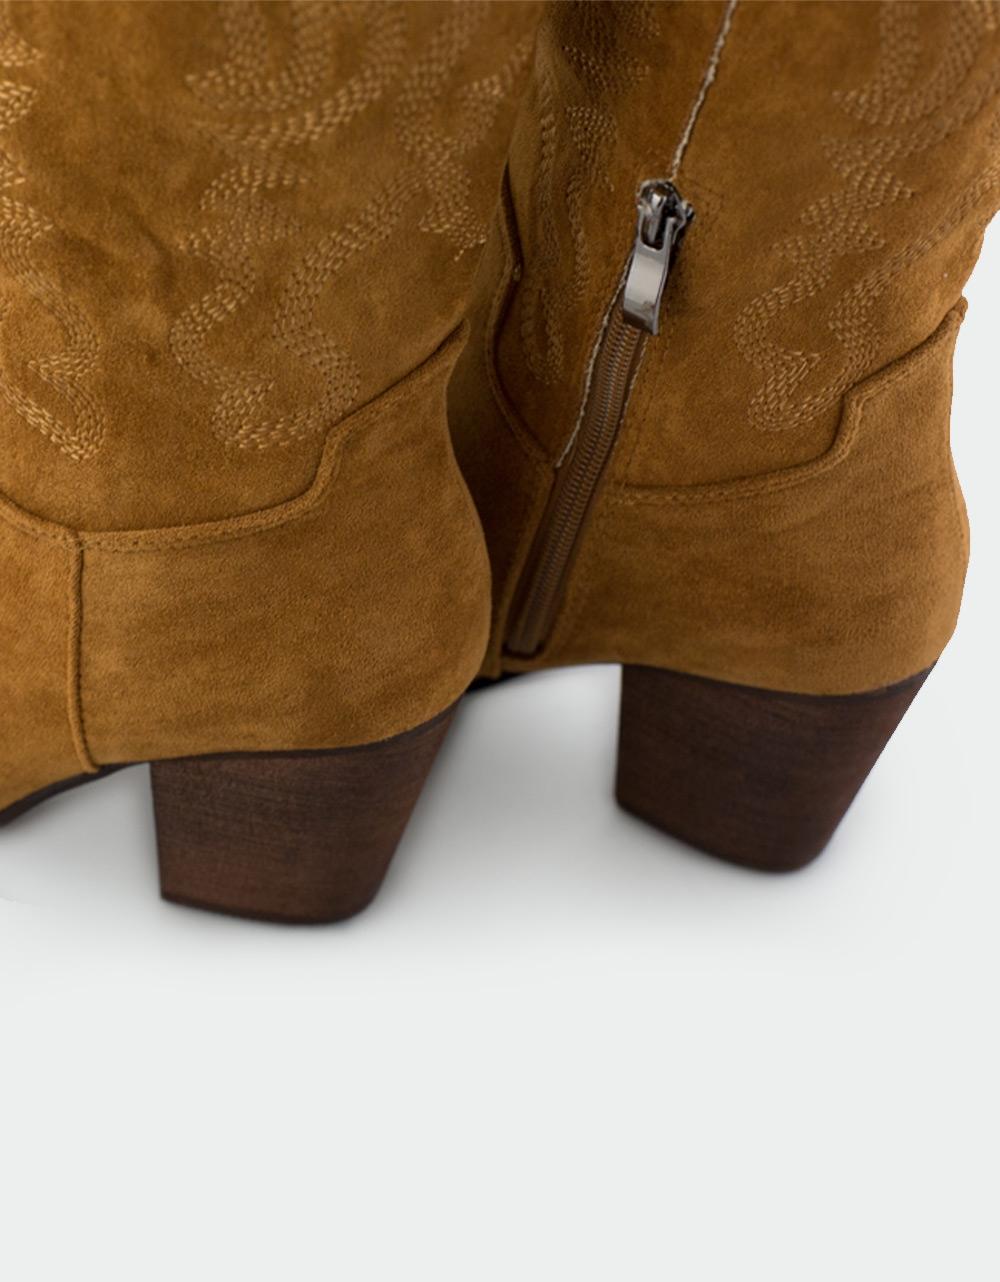 Εικόνα από Γυναικείες μπότες με κεντητά σχέδια Ταμπά